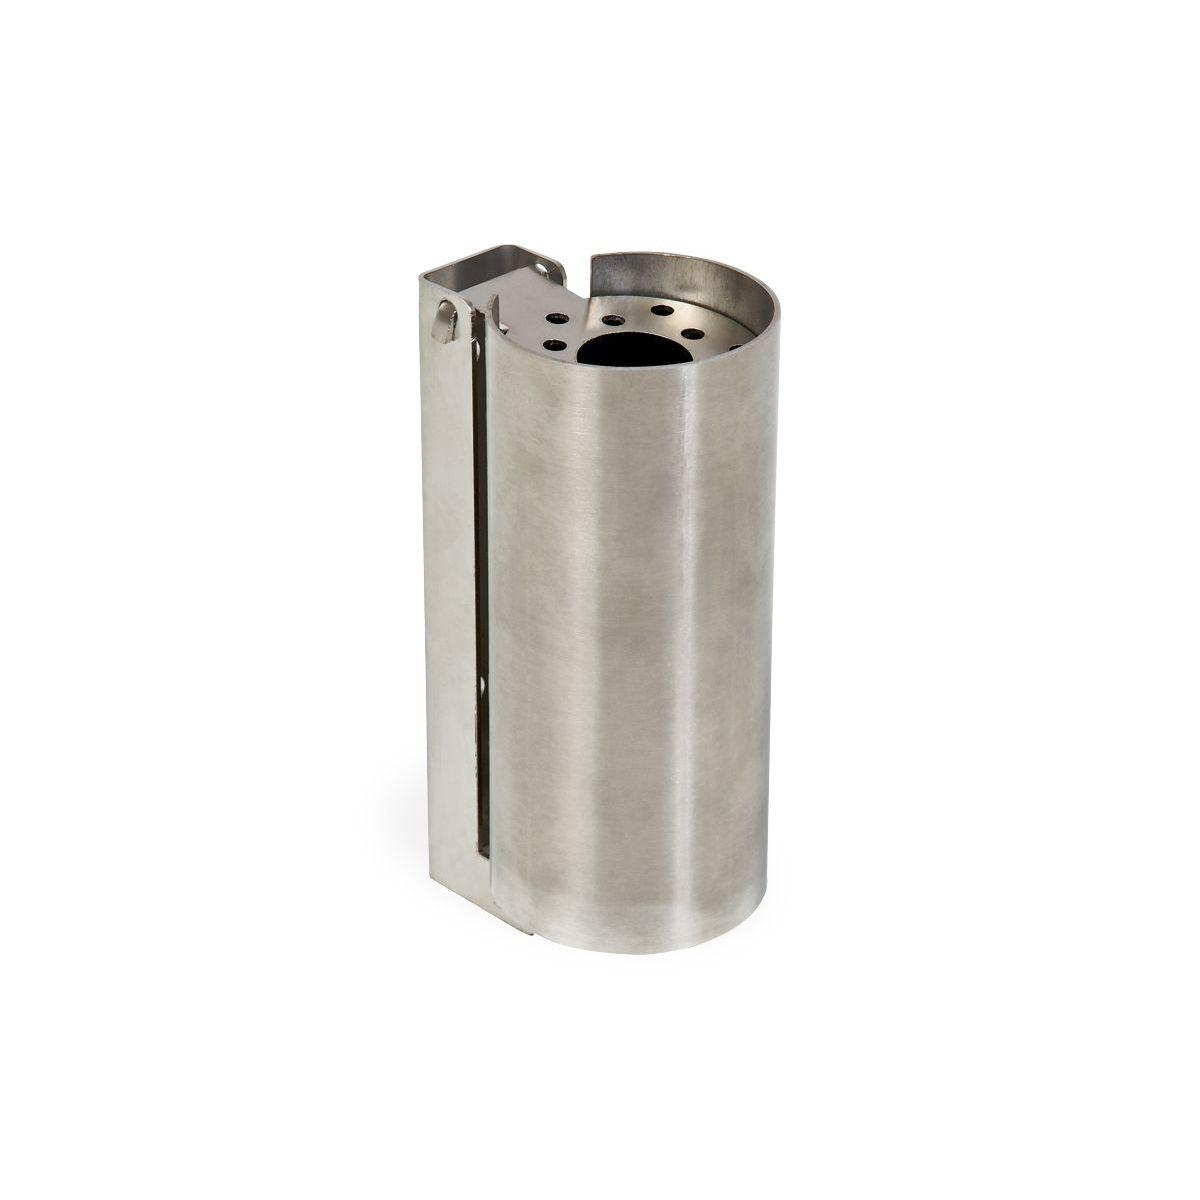 Cendrier cylindrique à accrocher - CE-4